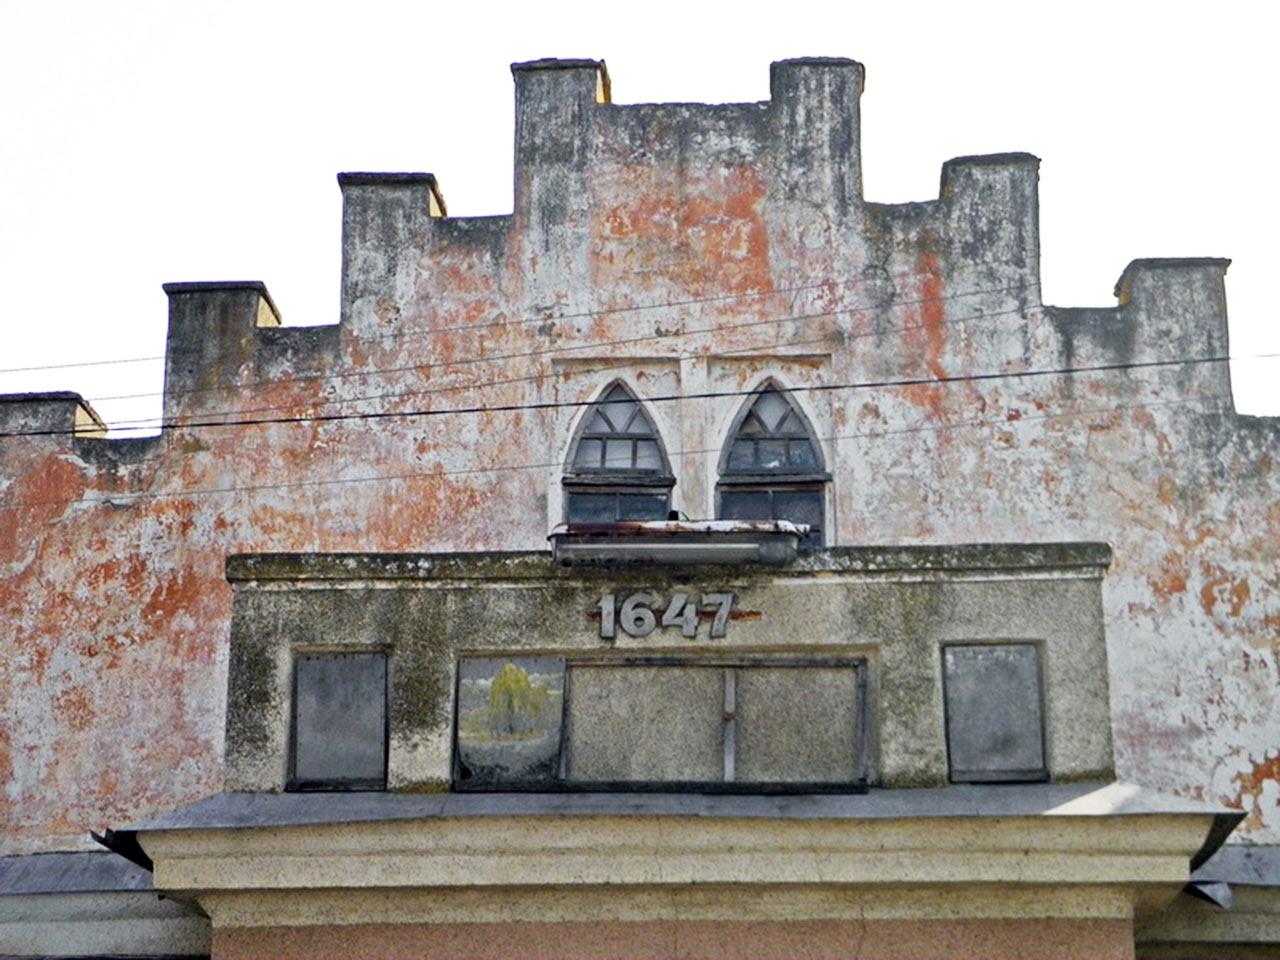 Zabytkowy młyn z 1647 r. w Bałanówce